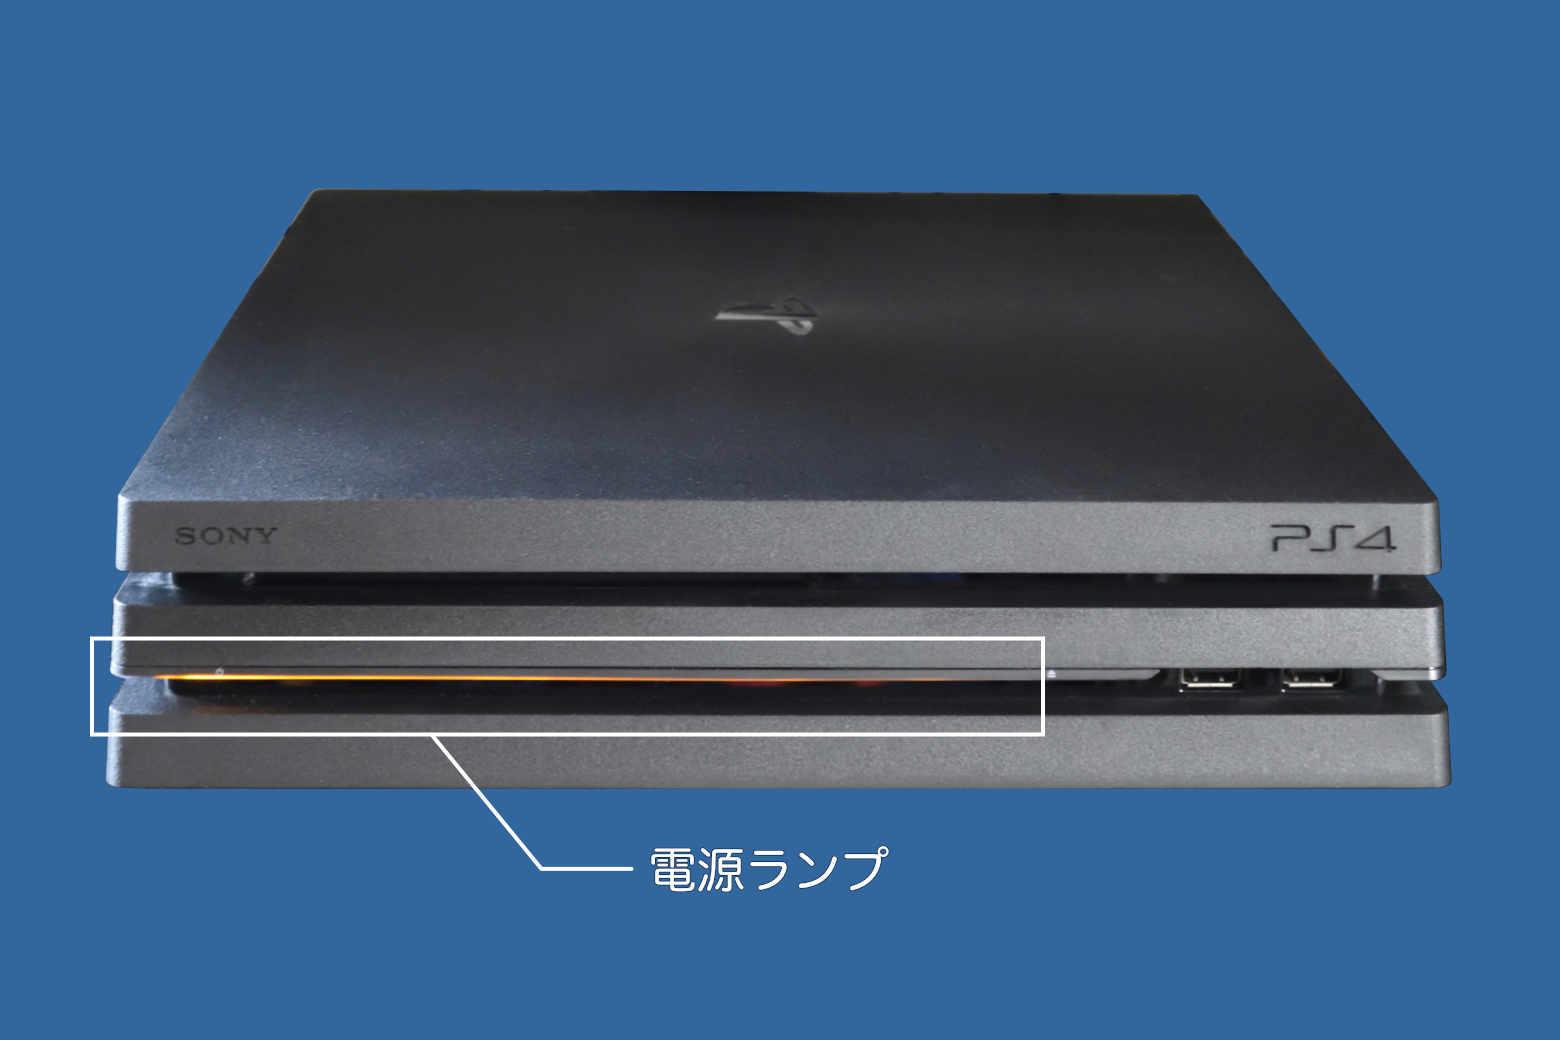 PlayStation4/Proの電源ランプの色の意味とサポートはどこ?【PS4/Pro/やり方】